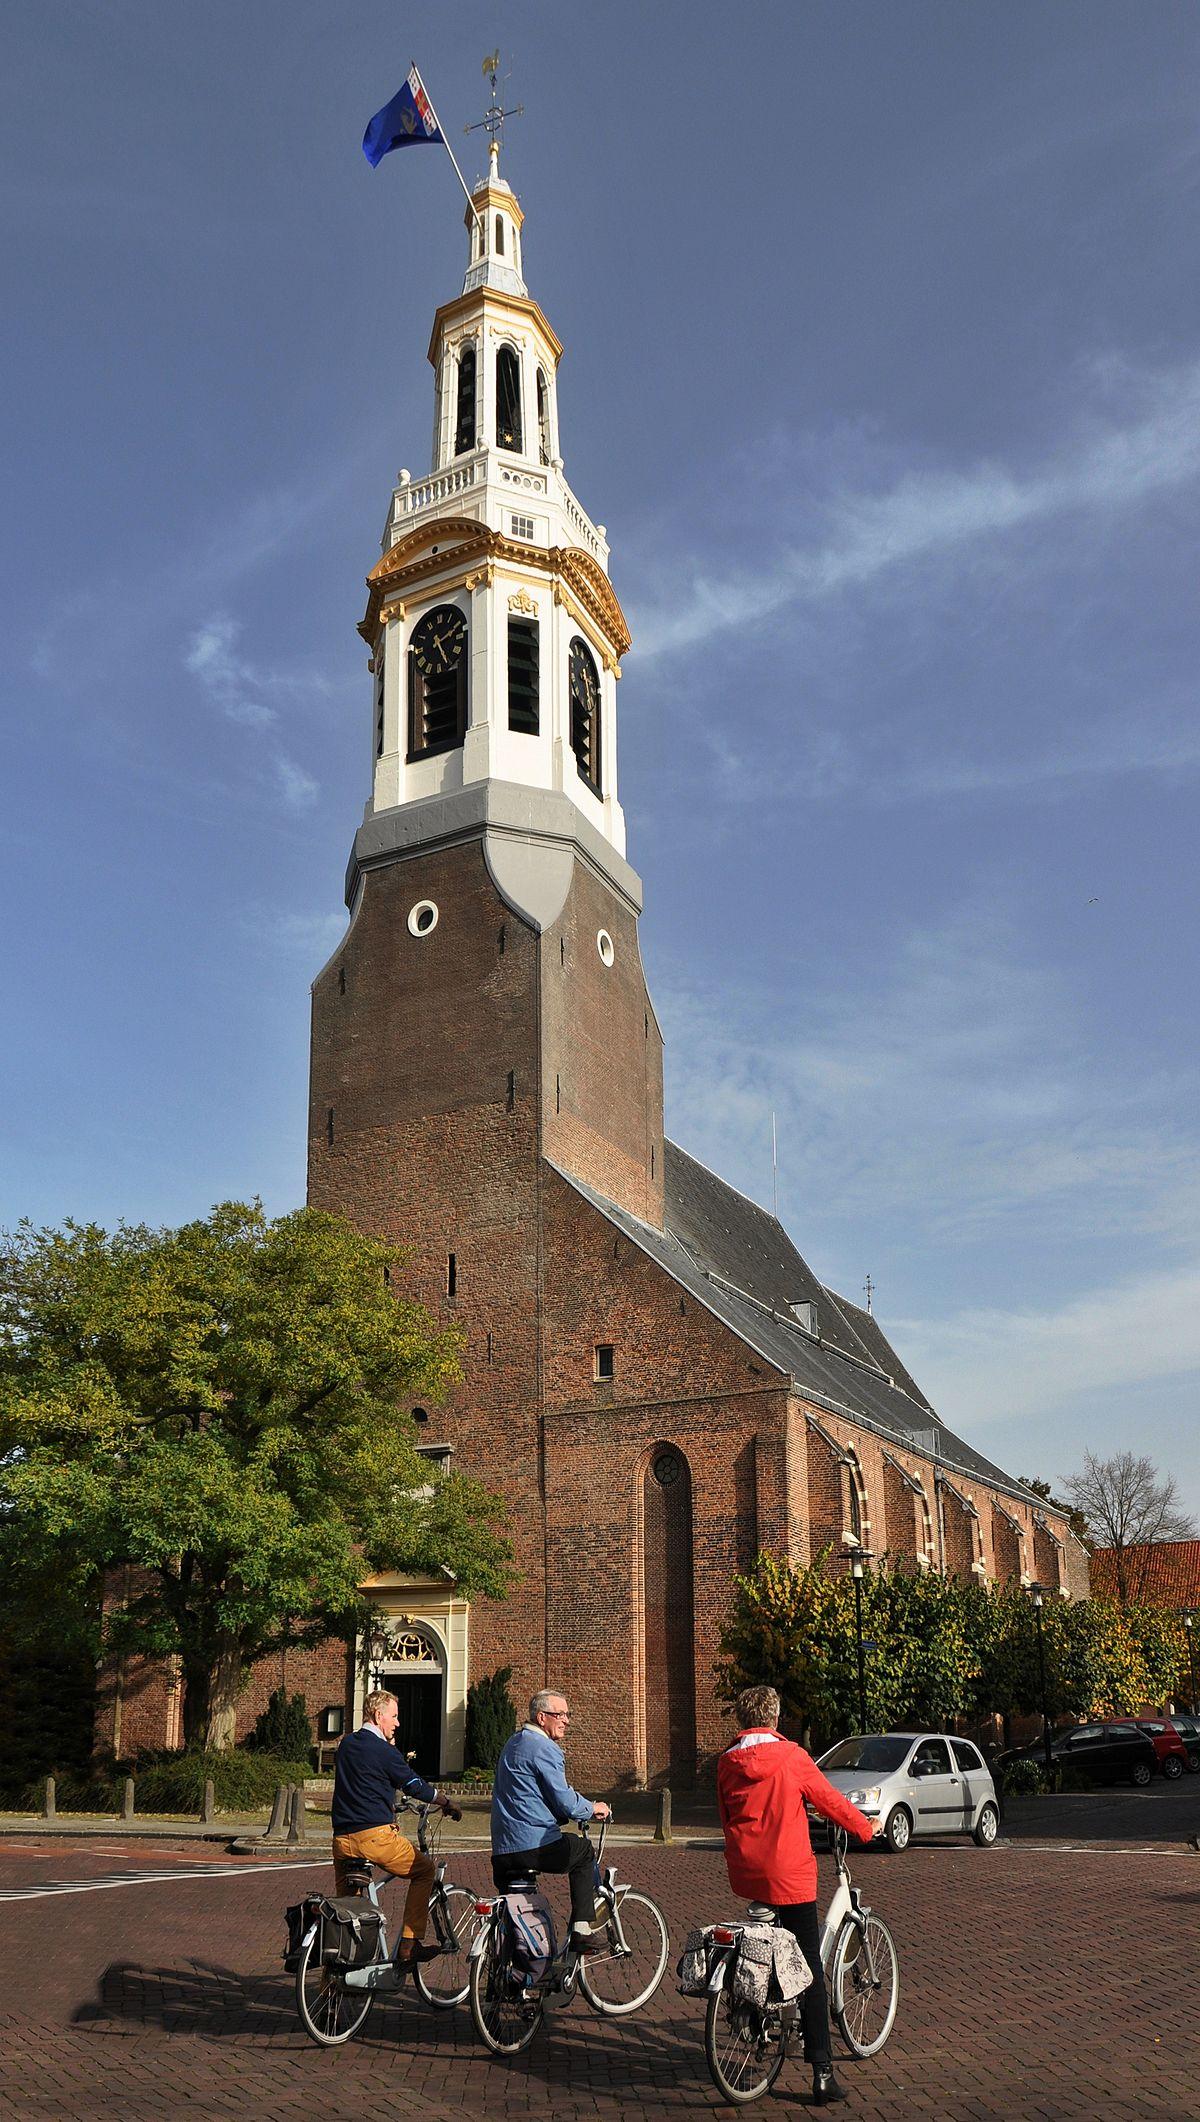 Grote kerk nijkerk wikipedia - Van de ignum sanijura ...